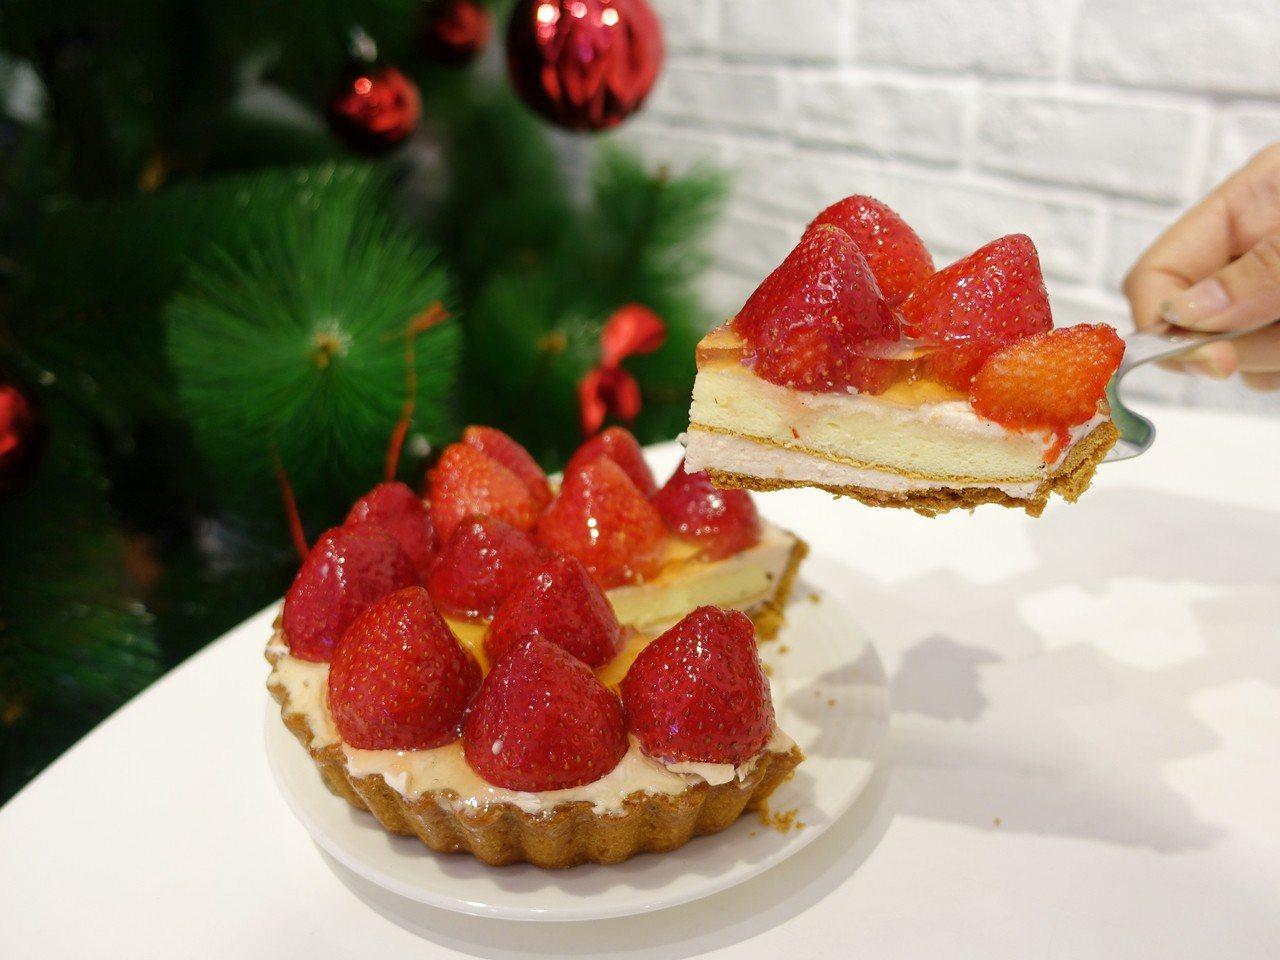 歡樂鮮莓派,售價680元(6吋)、135元(8吋切片)。記者張芳瑜/攝影